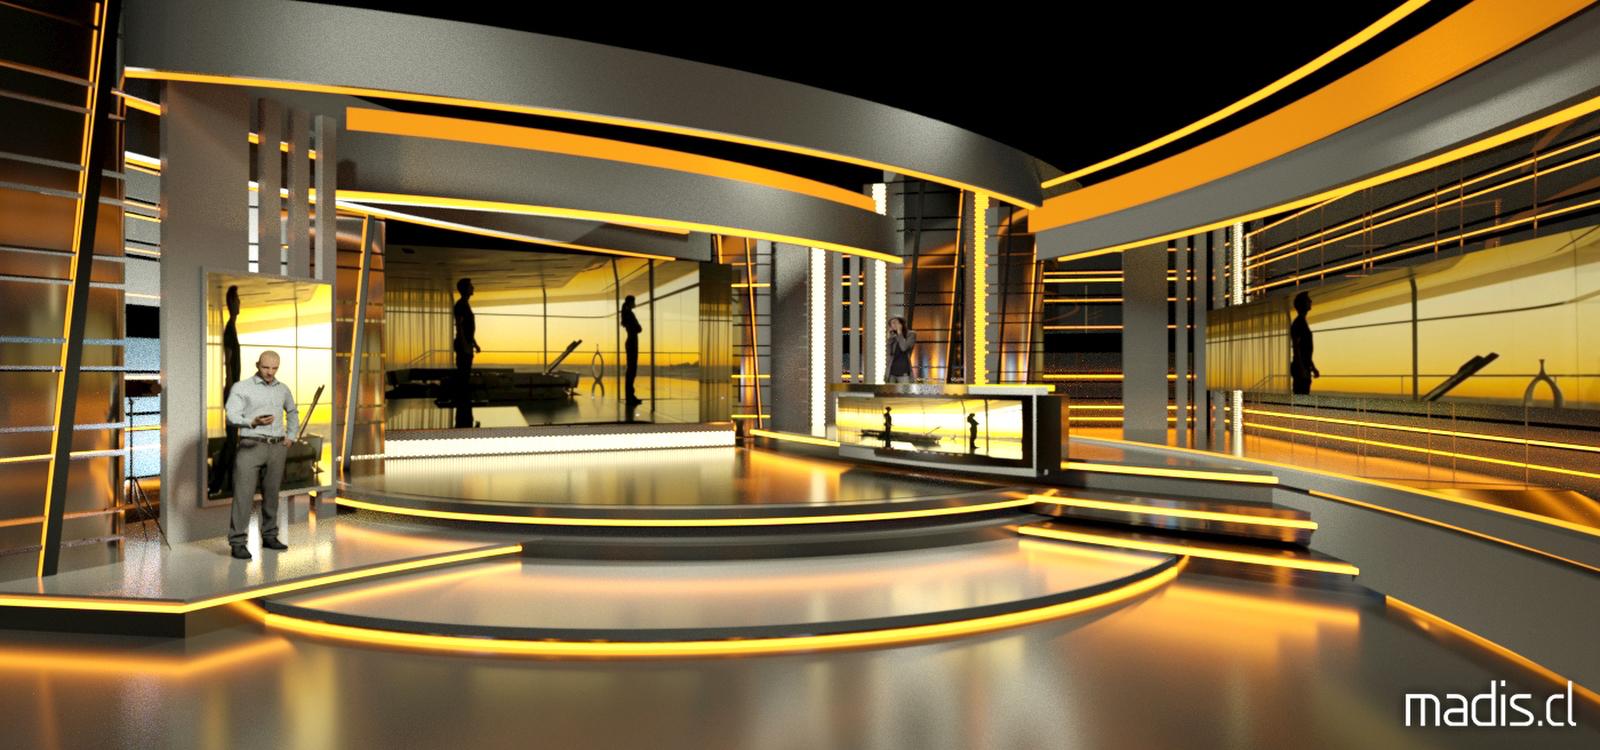 NCS_Madis-TVN-El-Informante-eStudio_0007